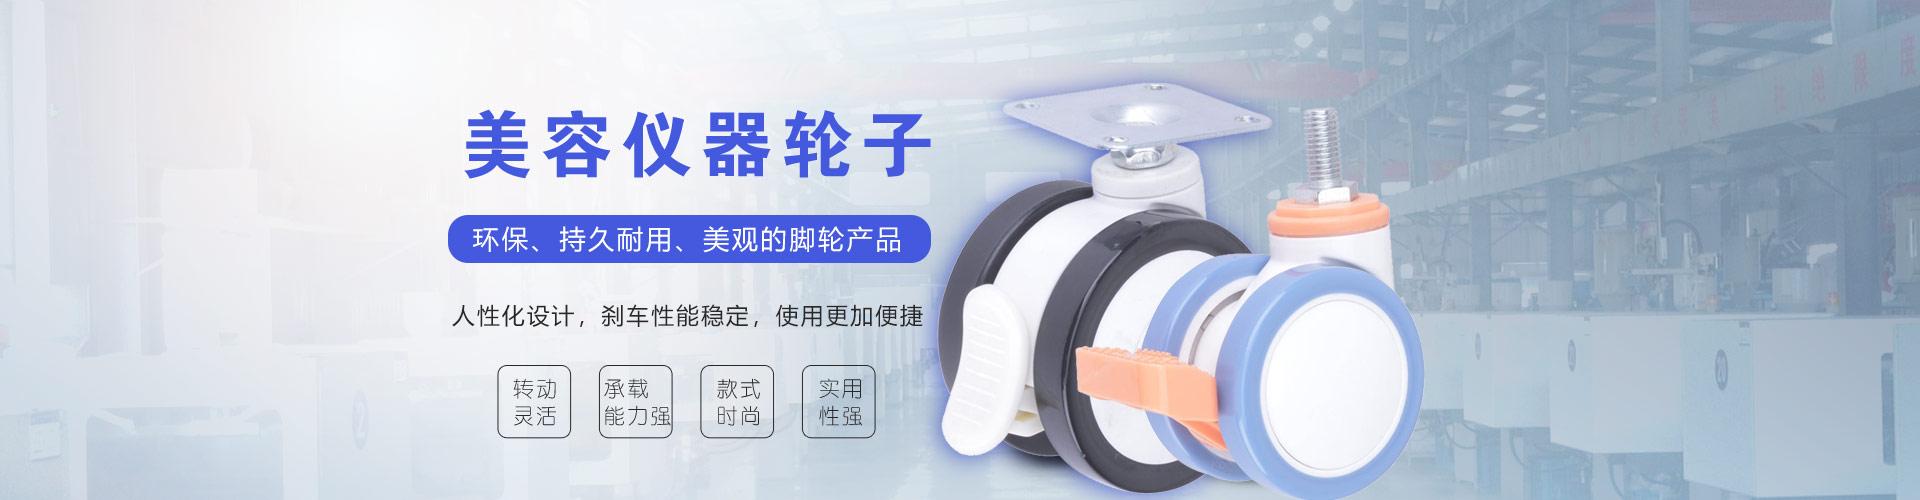 中山业亿脚轮生产厂家PC端网站banner1